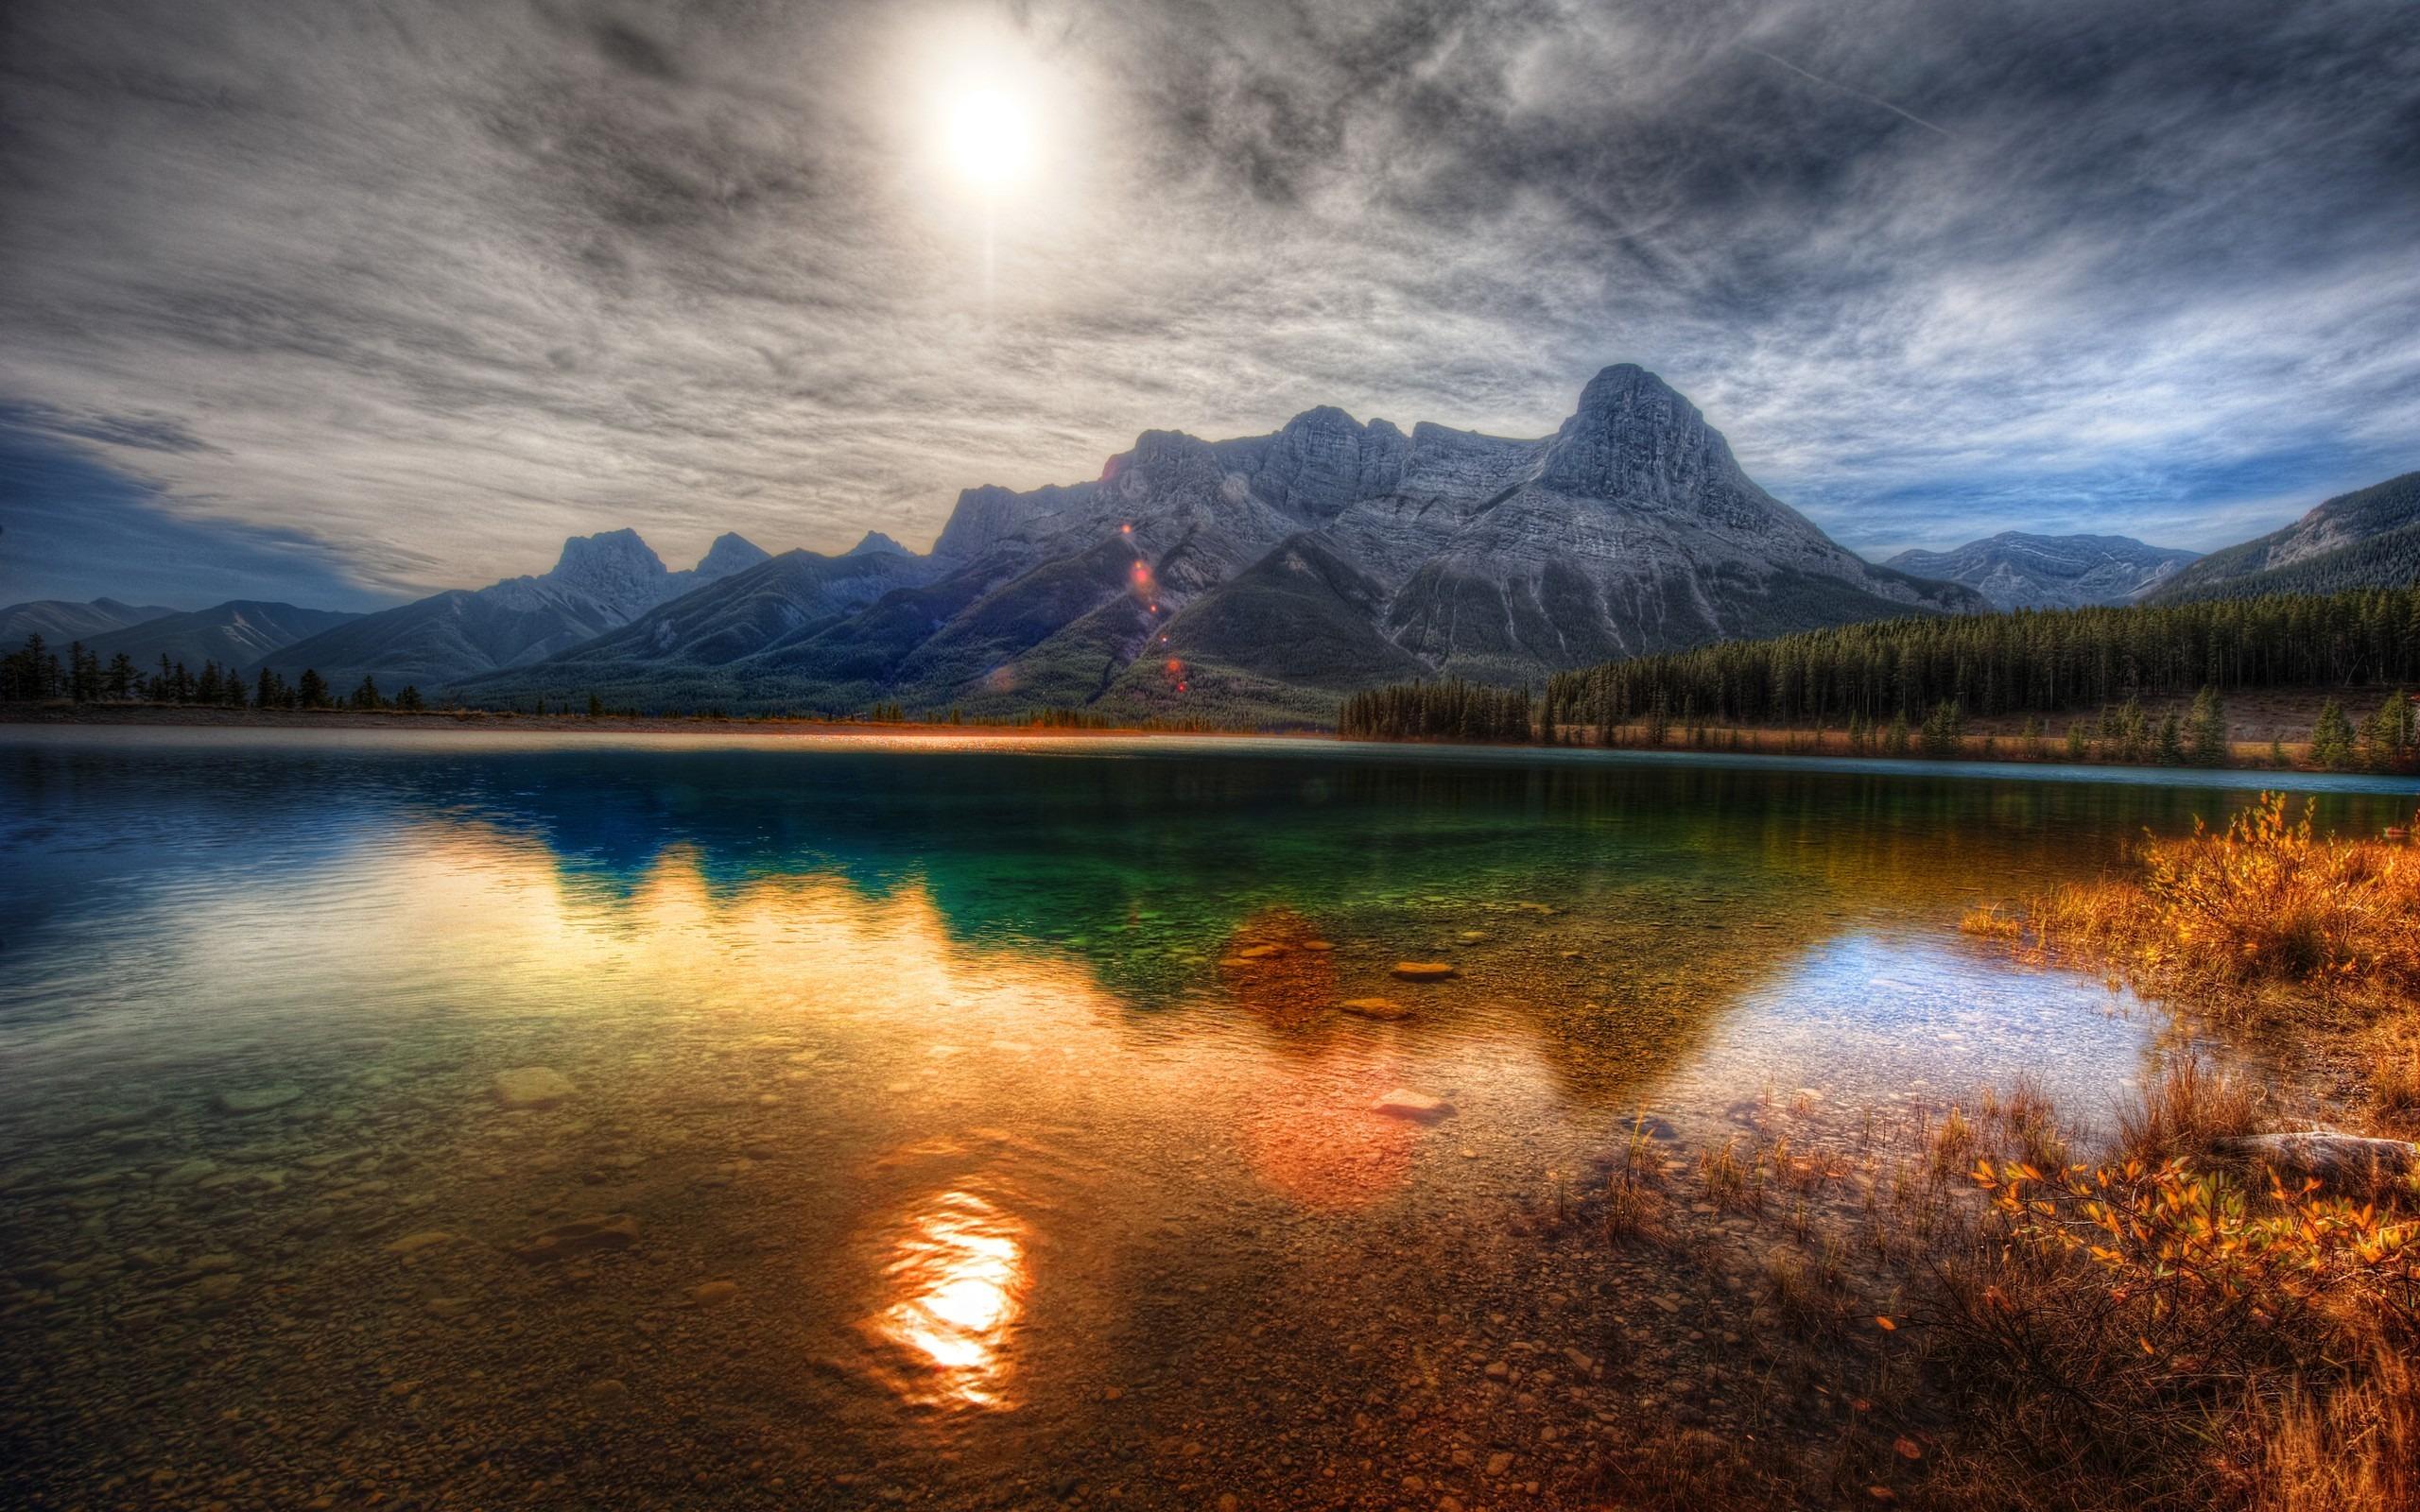 Облака над озером, галька, горы, лес  № 2950435 без смс